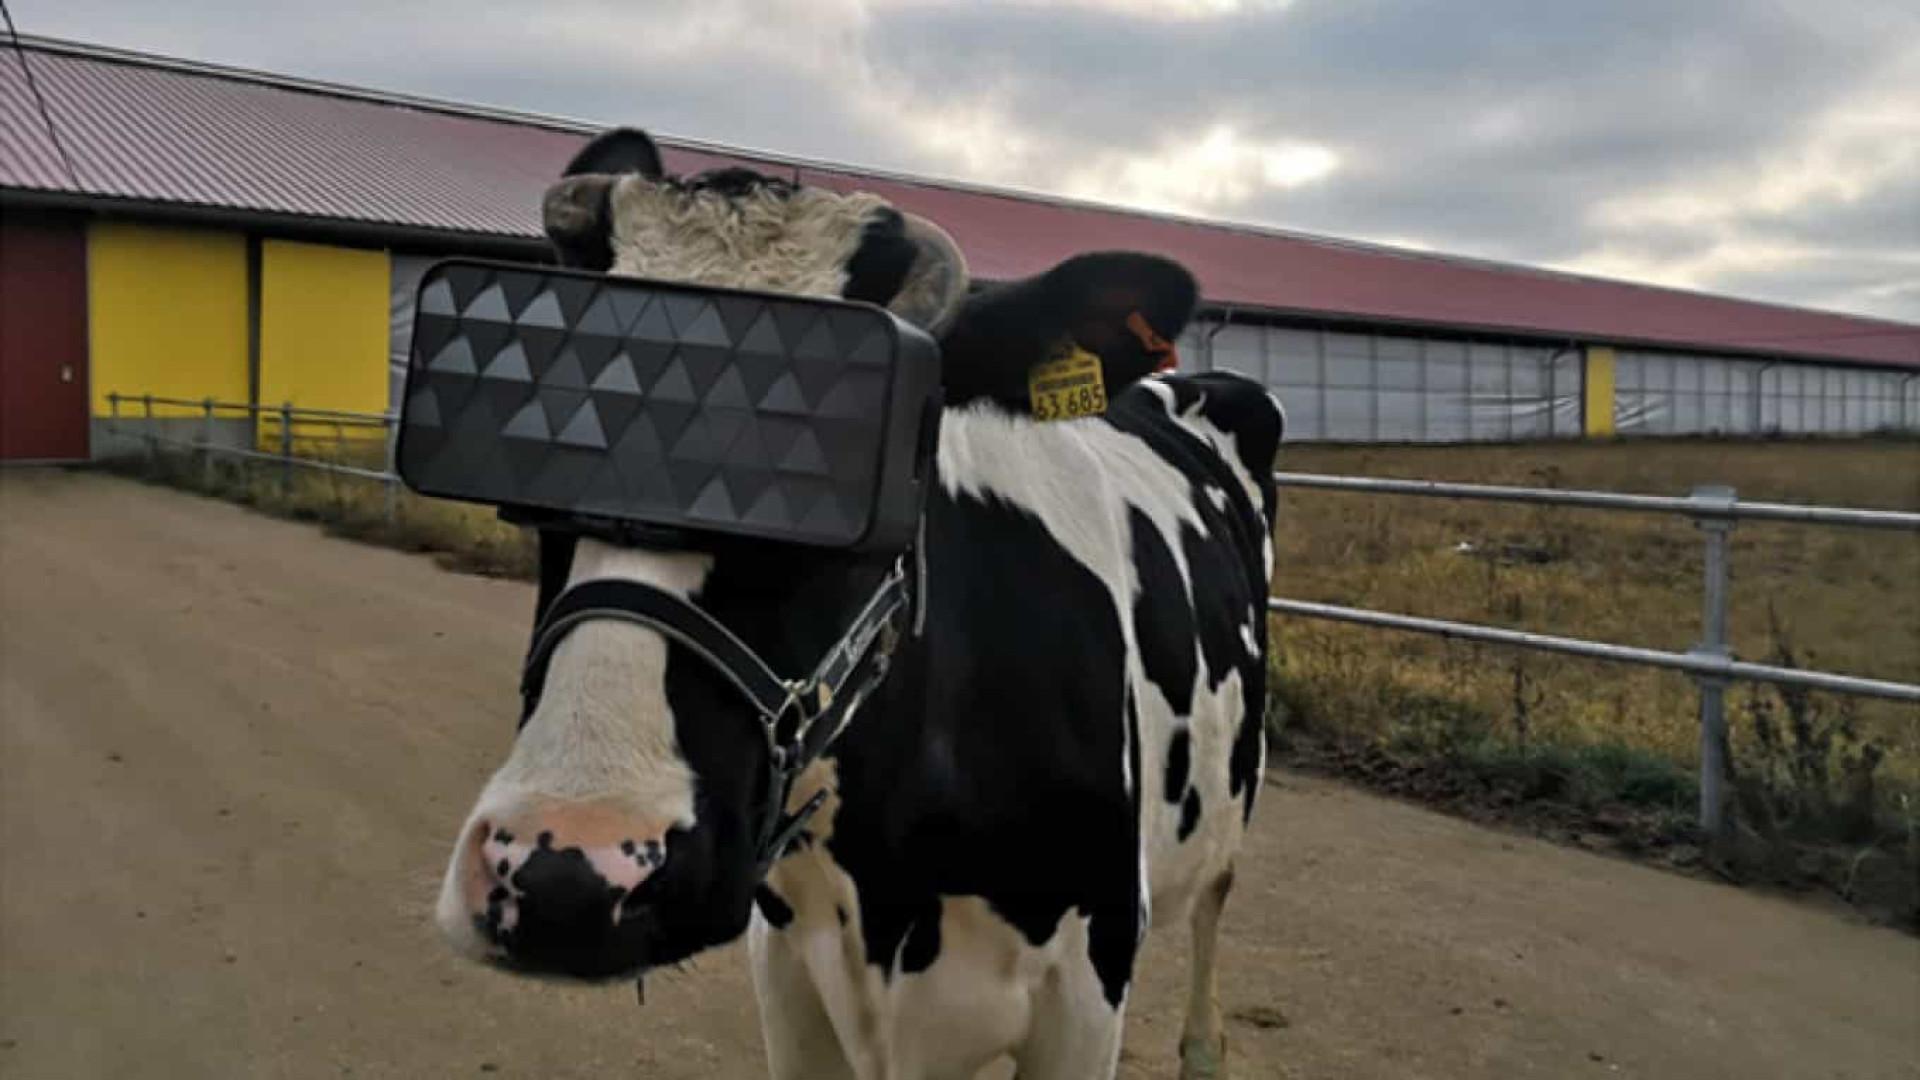 Agricultores russos testam efeito de Realidade Virtual em vacas